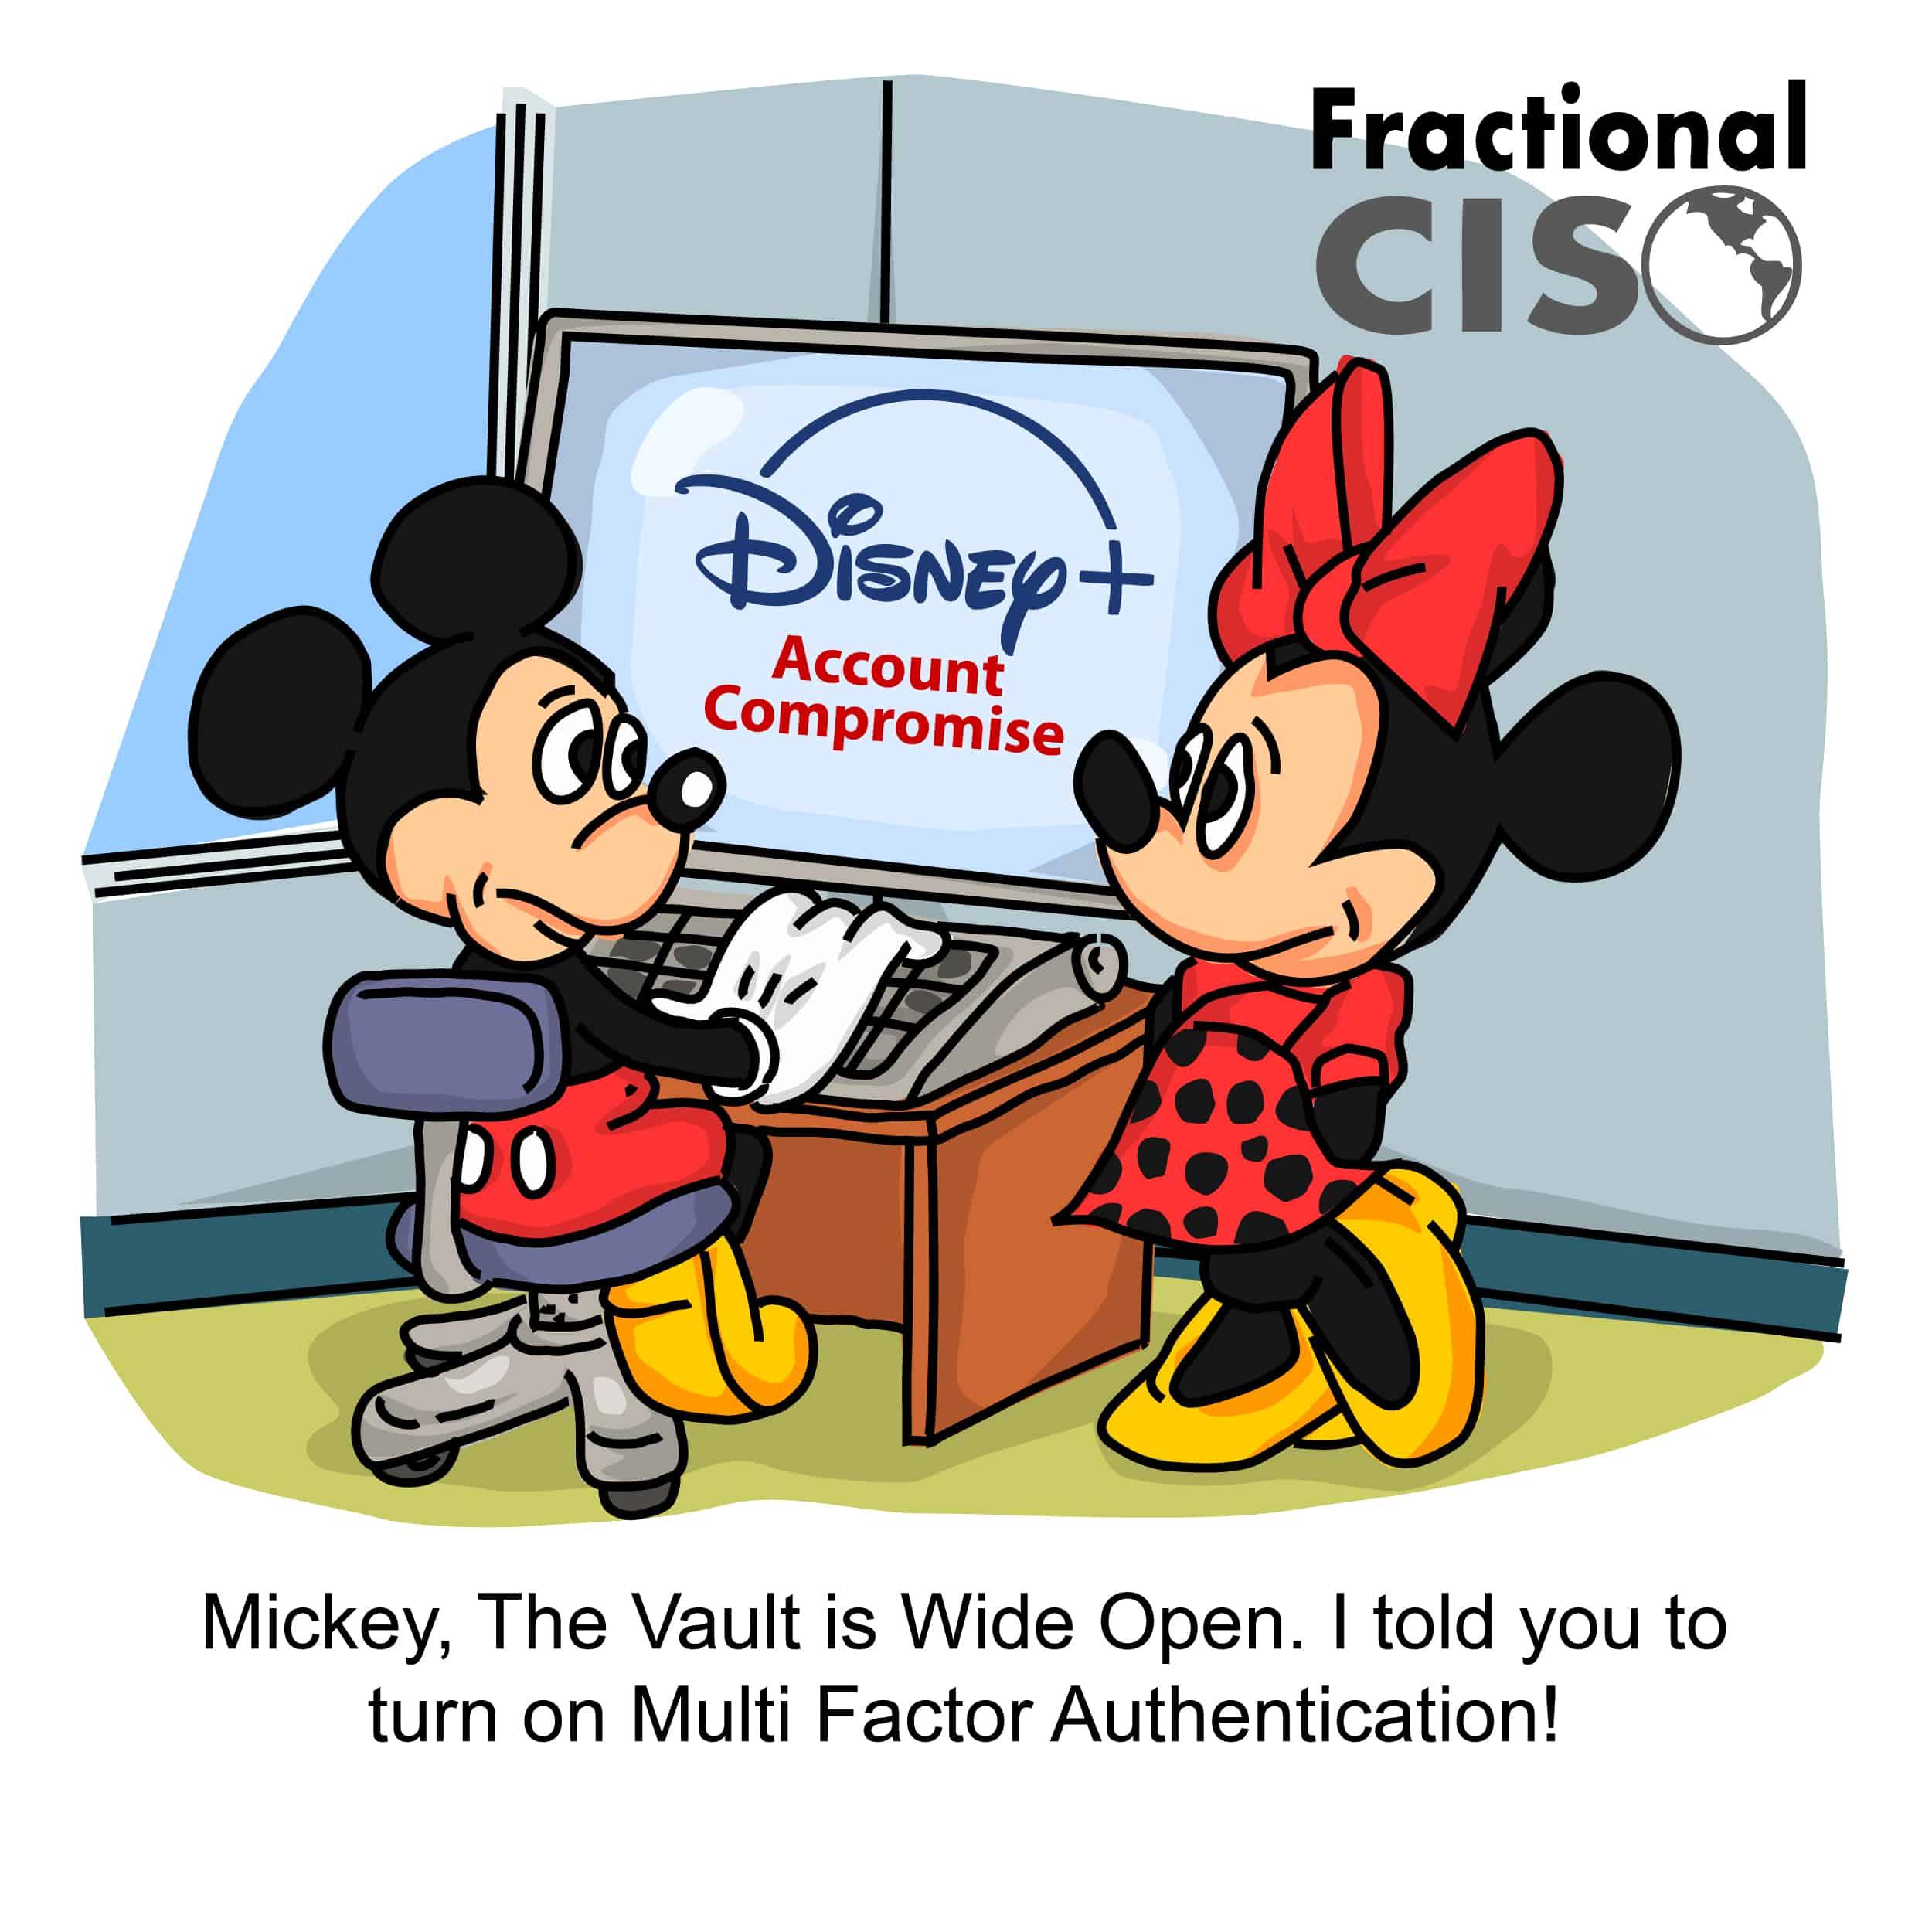 Disney Plus Account Compromise